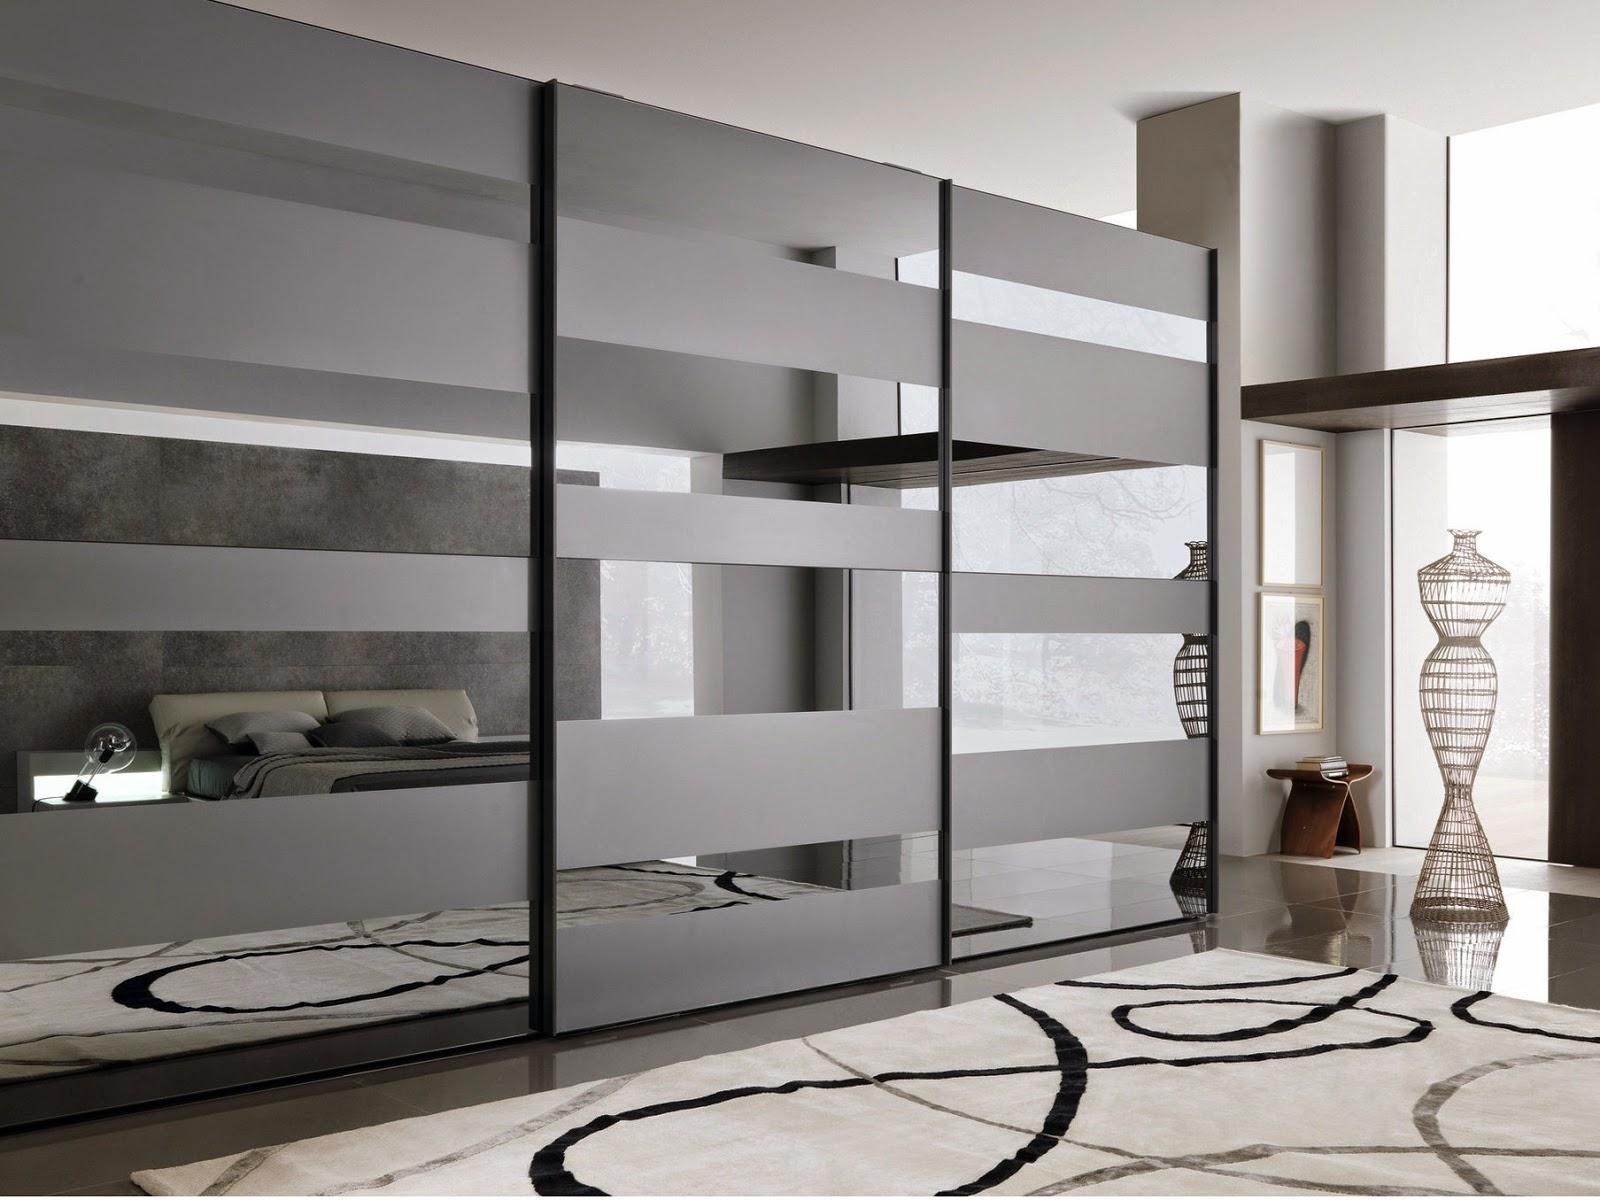 Самые простые и дешевые двери — из МДФ и зеркальные